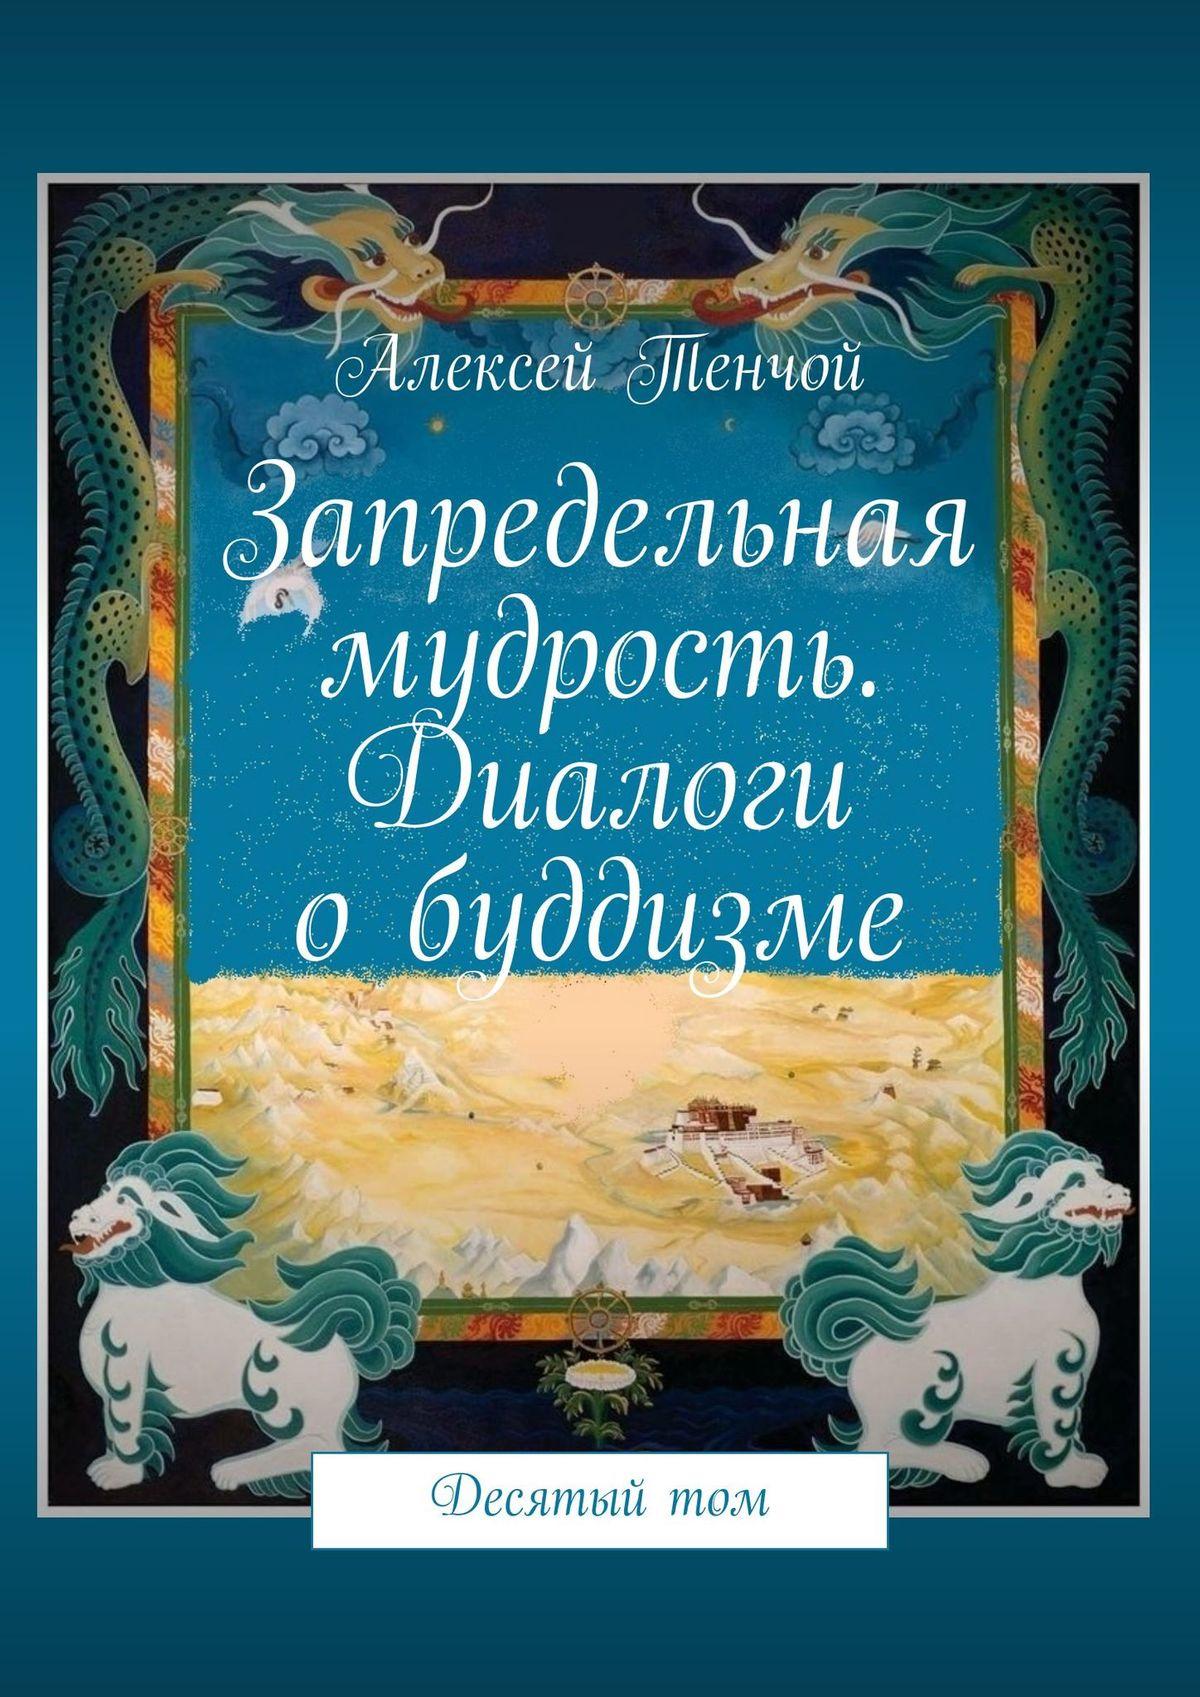 Алексей Тенчой «Диалоги о буддизме. Для начинающих и продвинутых»